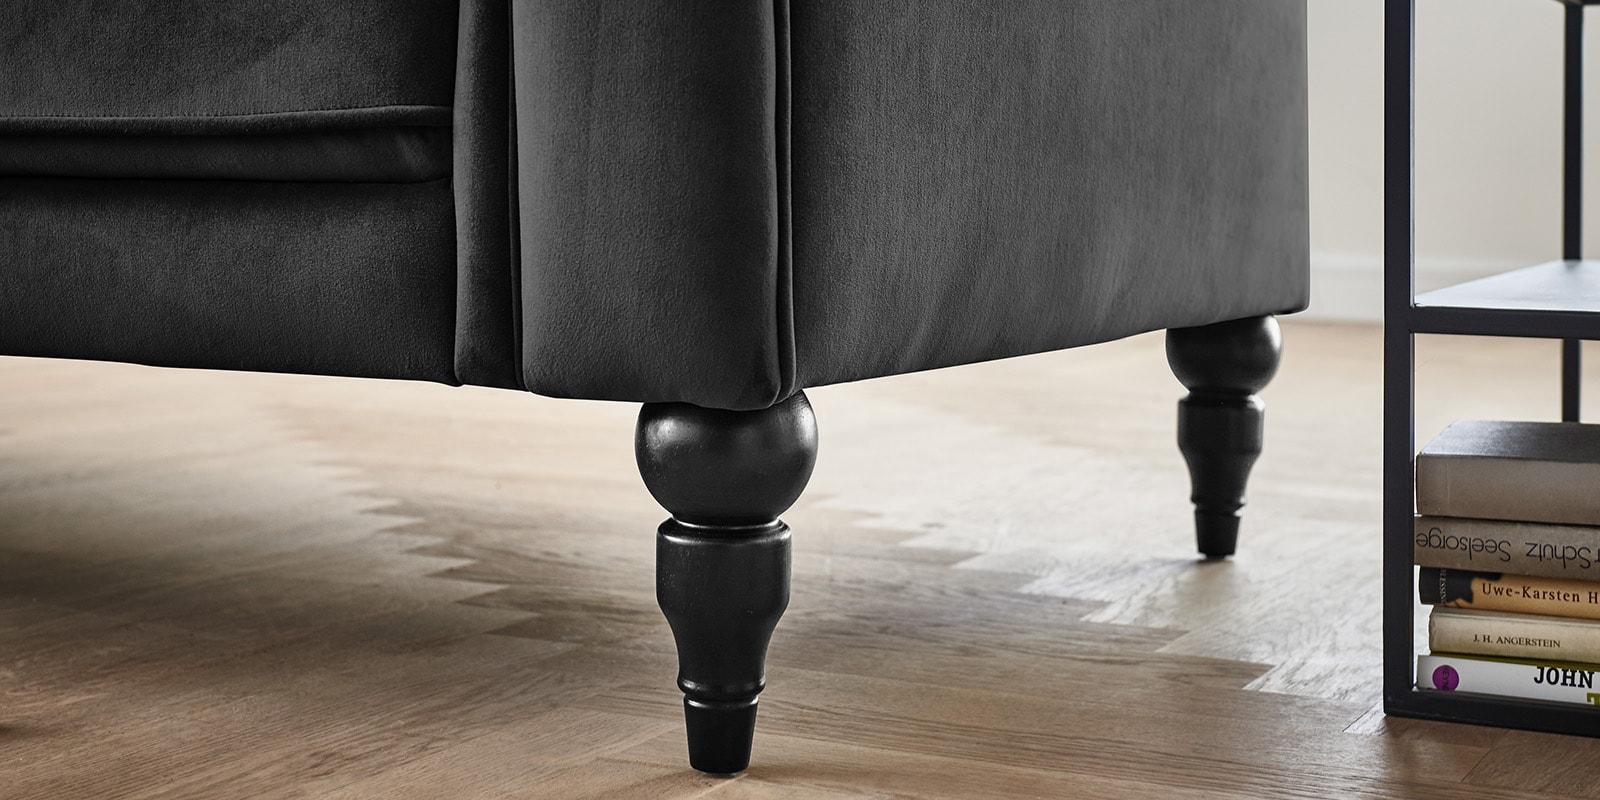 Moebella24 - 3-2-1-Sitzer - Sofa - Hudson - Chesterfield - Samt - Anthrazit - Dekorative - Nähte - und - Versteppungen - Knopfheftung - Barock-Design - Füße - Detailaufnahme